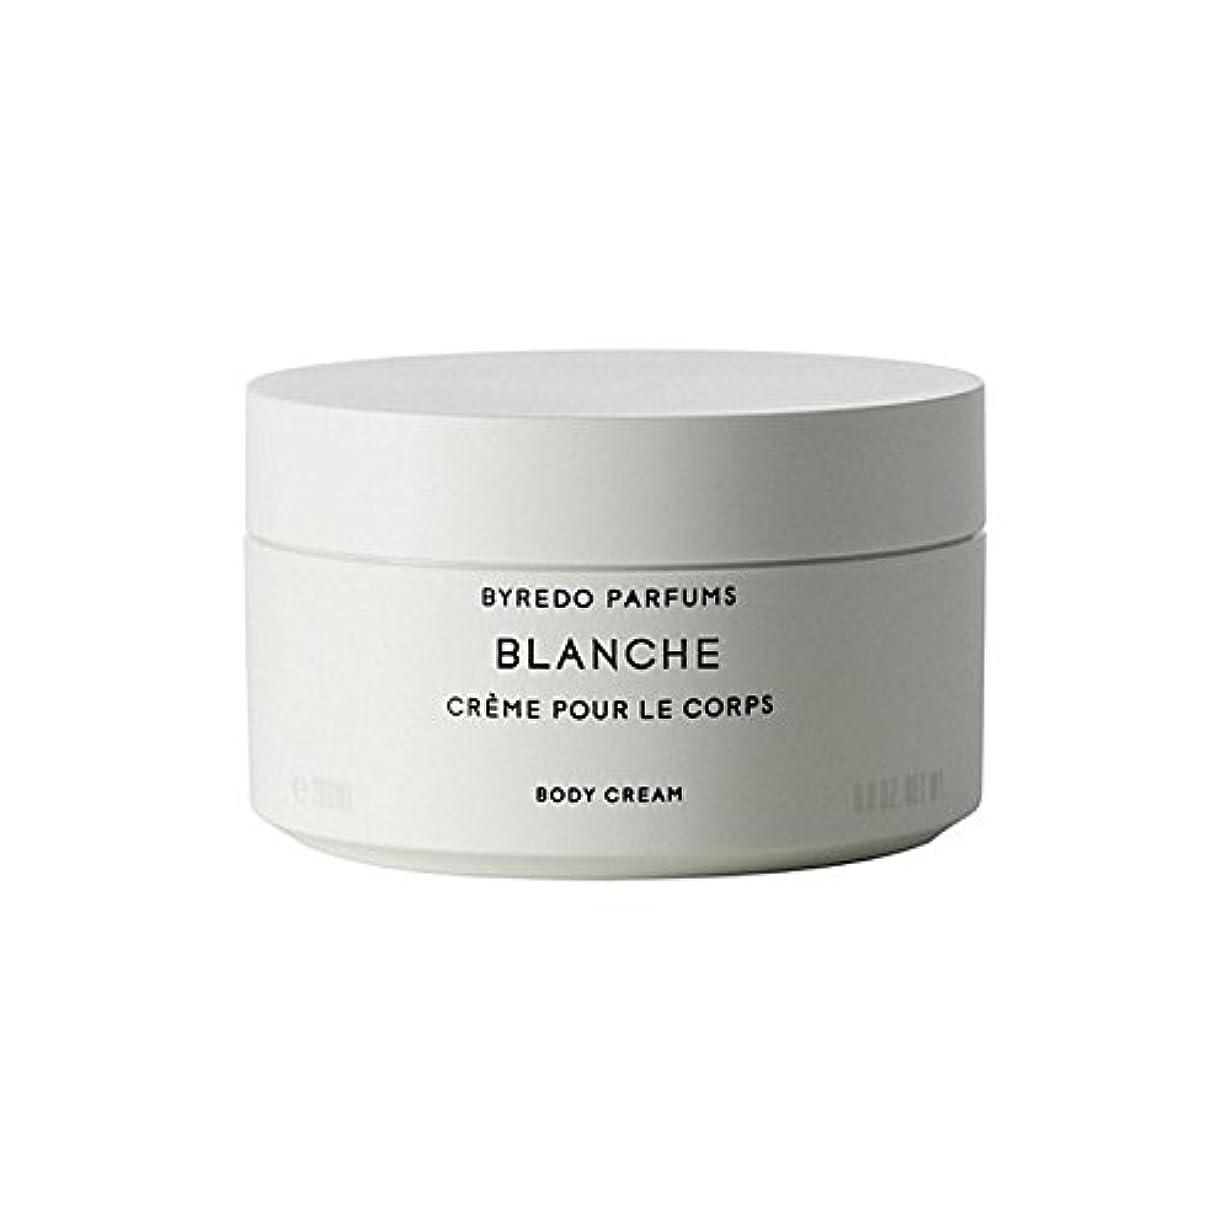 急いで影響を受けやすいです検出するByredo Blanche Body Cream 200ml (Pack of 6) - ブランシュボディクリーム200ミリリットル x6 [並行輸入品]